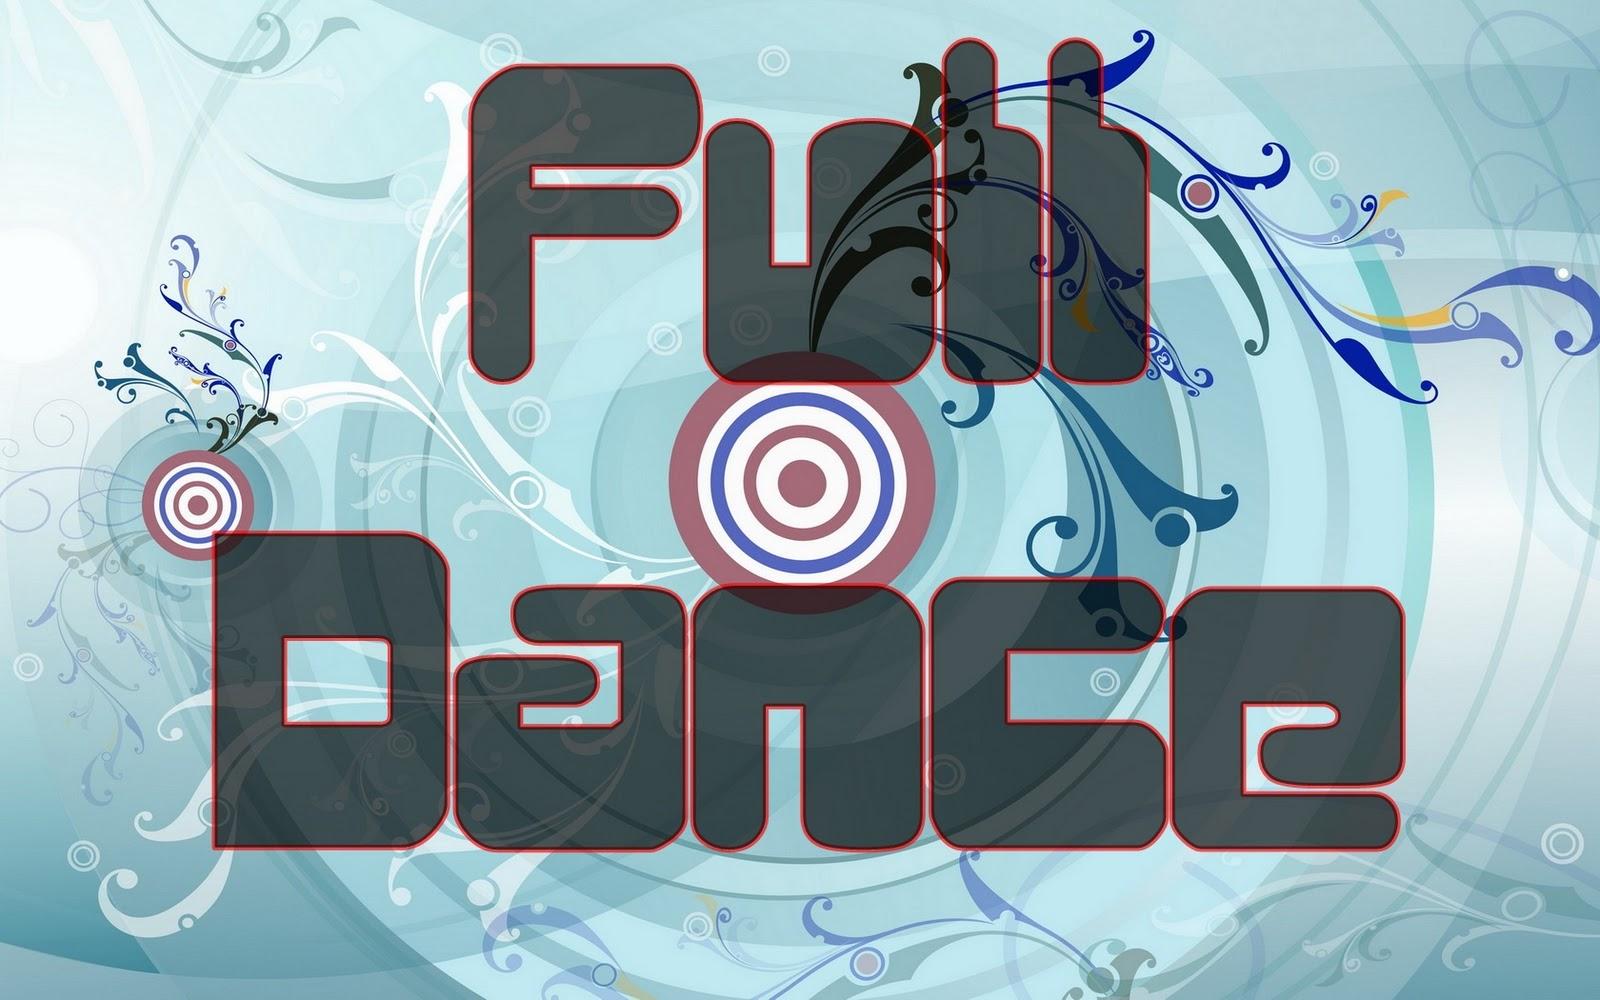 http://1.bp.blogspot.com/_qb388zIMbys/TBEu37ZrstI/AAAAAAAACY4/ud9J6-uNa5c/s1600/Fulll+Dance+.jpg